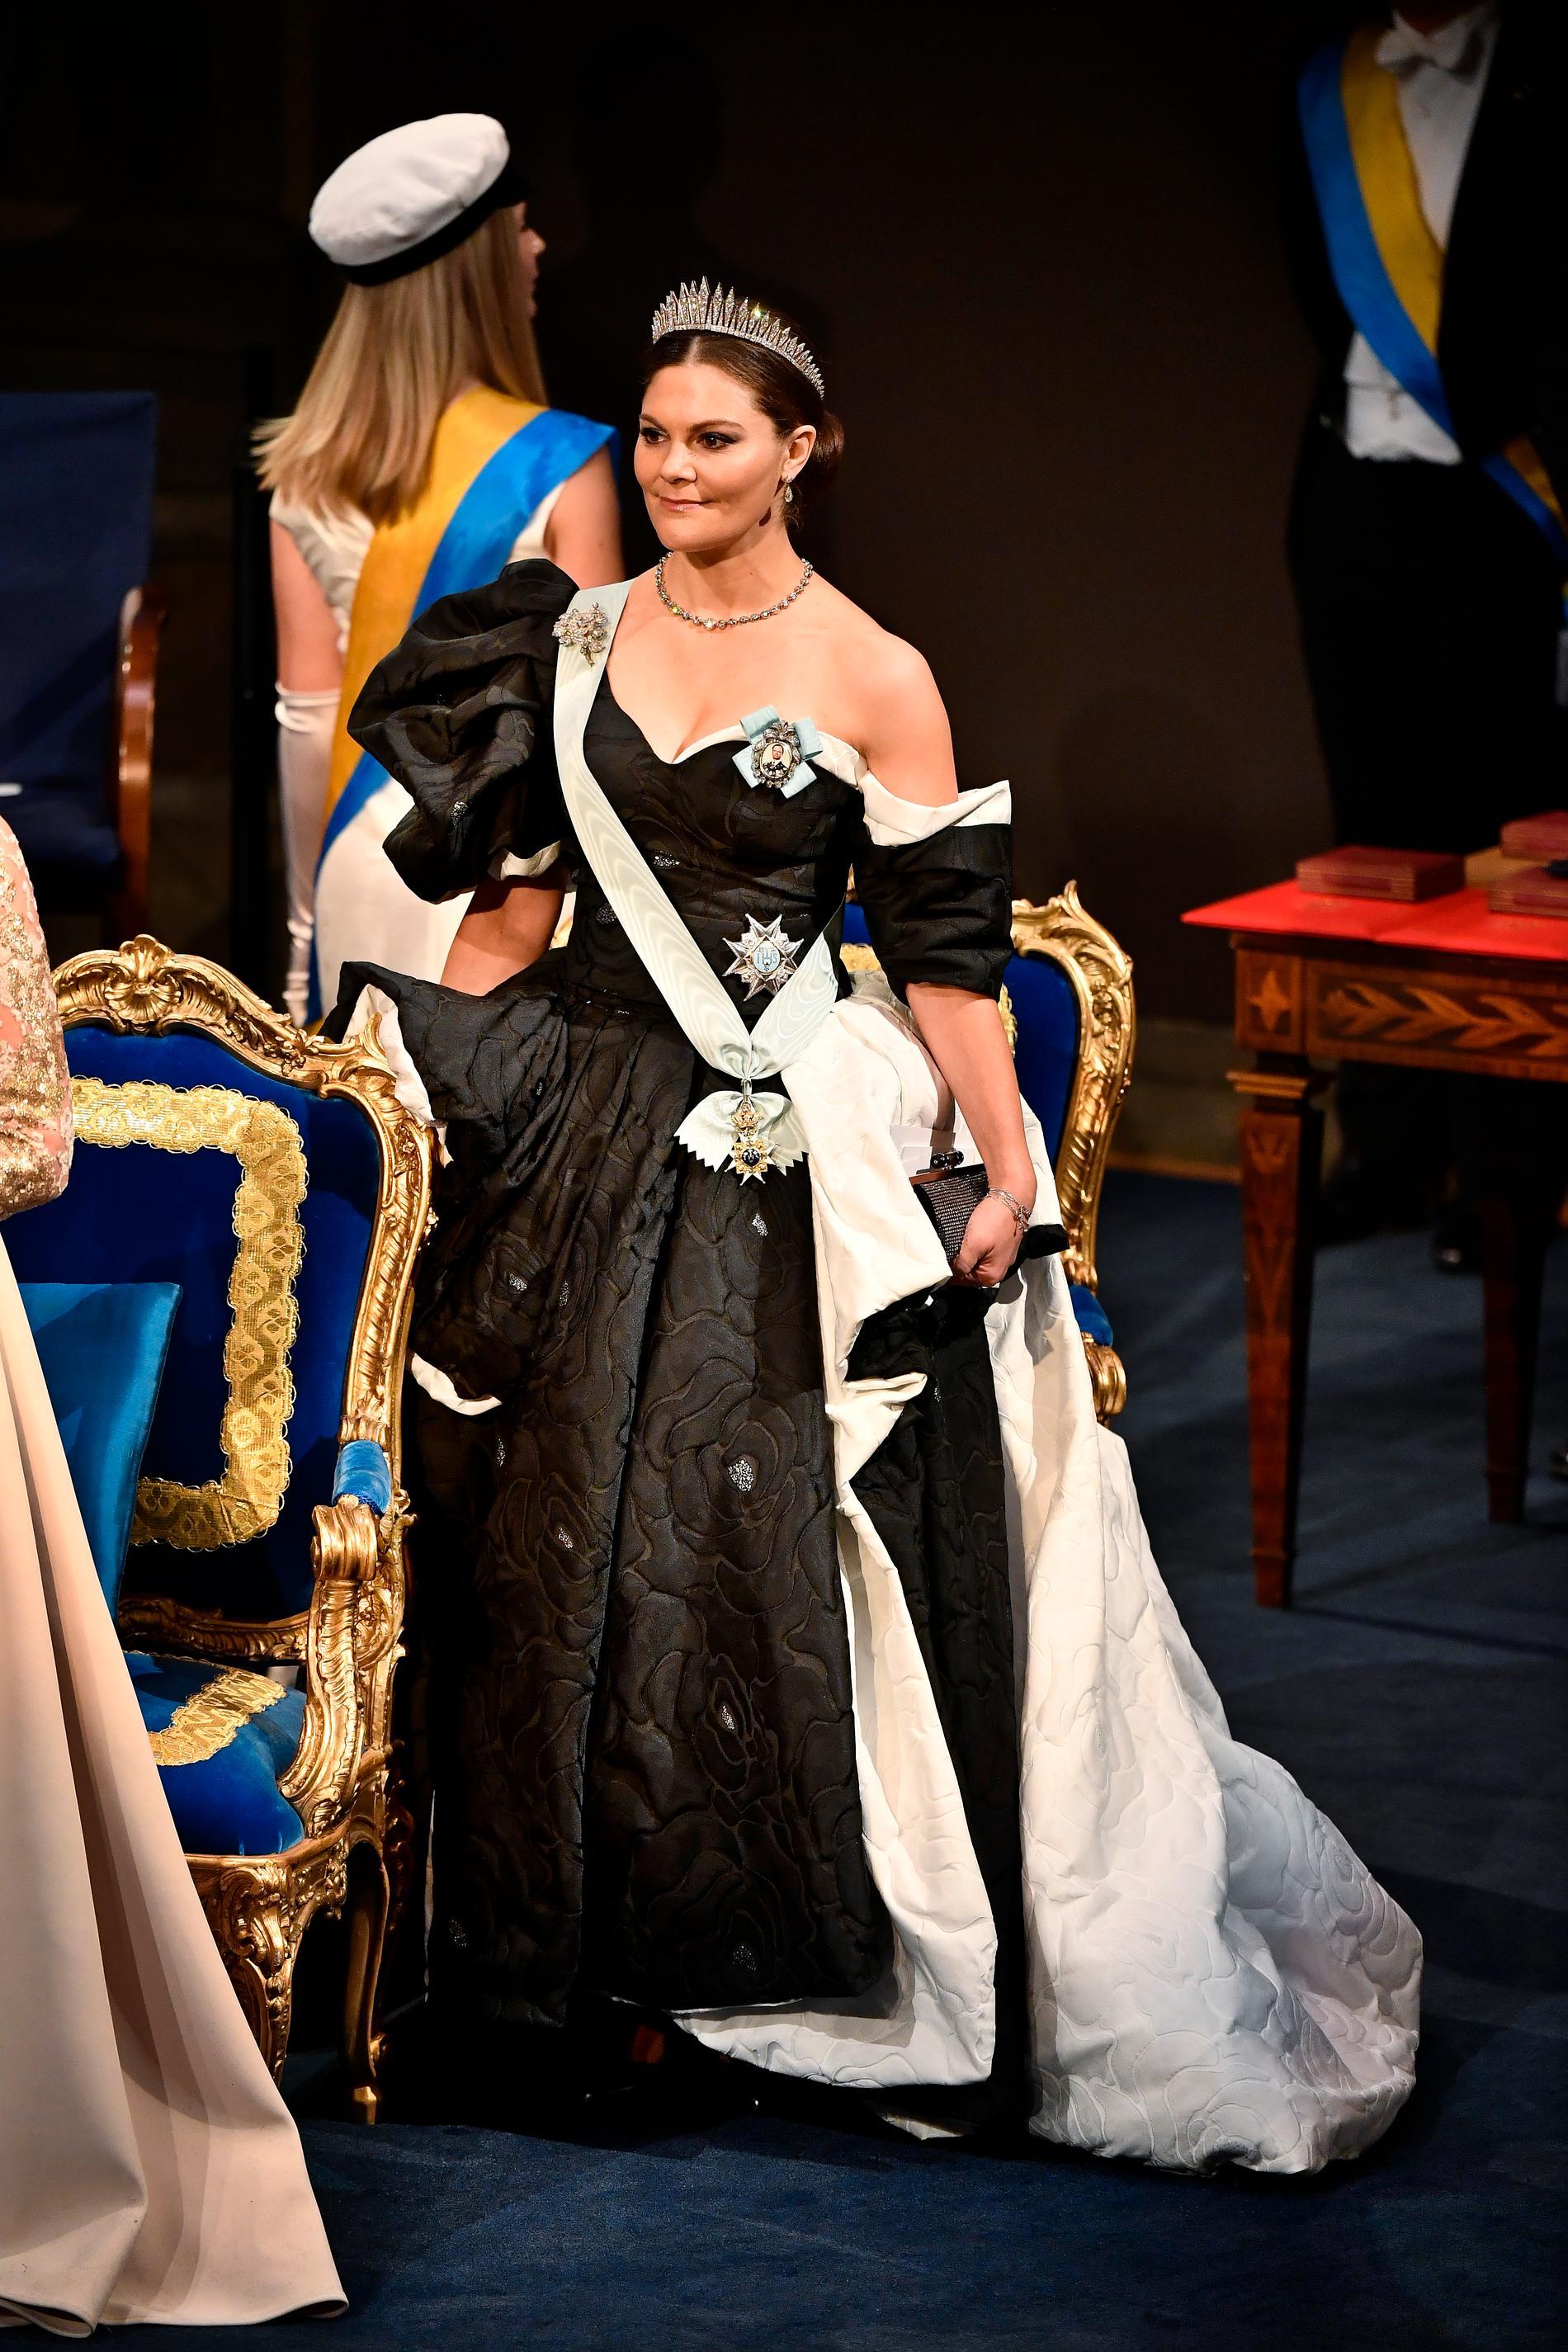 2019. Kronprinsessan bär en klänning  av designern Selam Fessahaye. Selam har gjort sig känd för sina voluminösa och oerhört färgstarka plagg. Här ser vi en något nedtonad Victoria rent färgmässigt men definitivt inte volymmässigt.